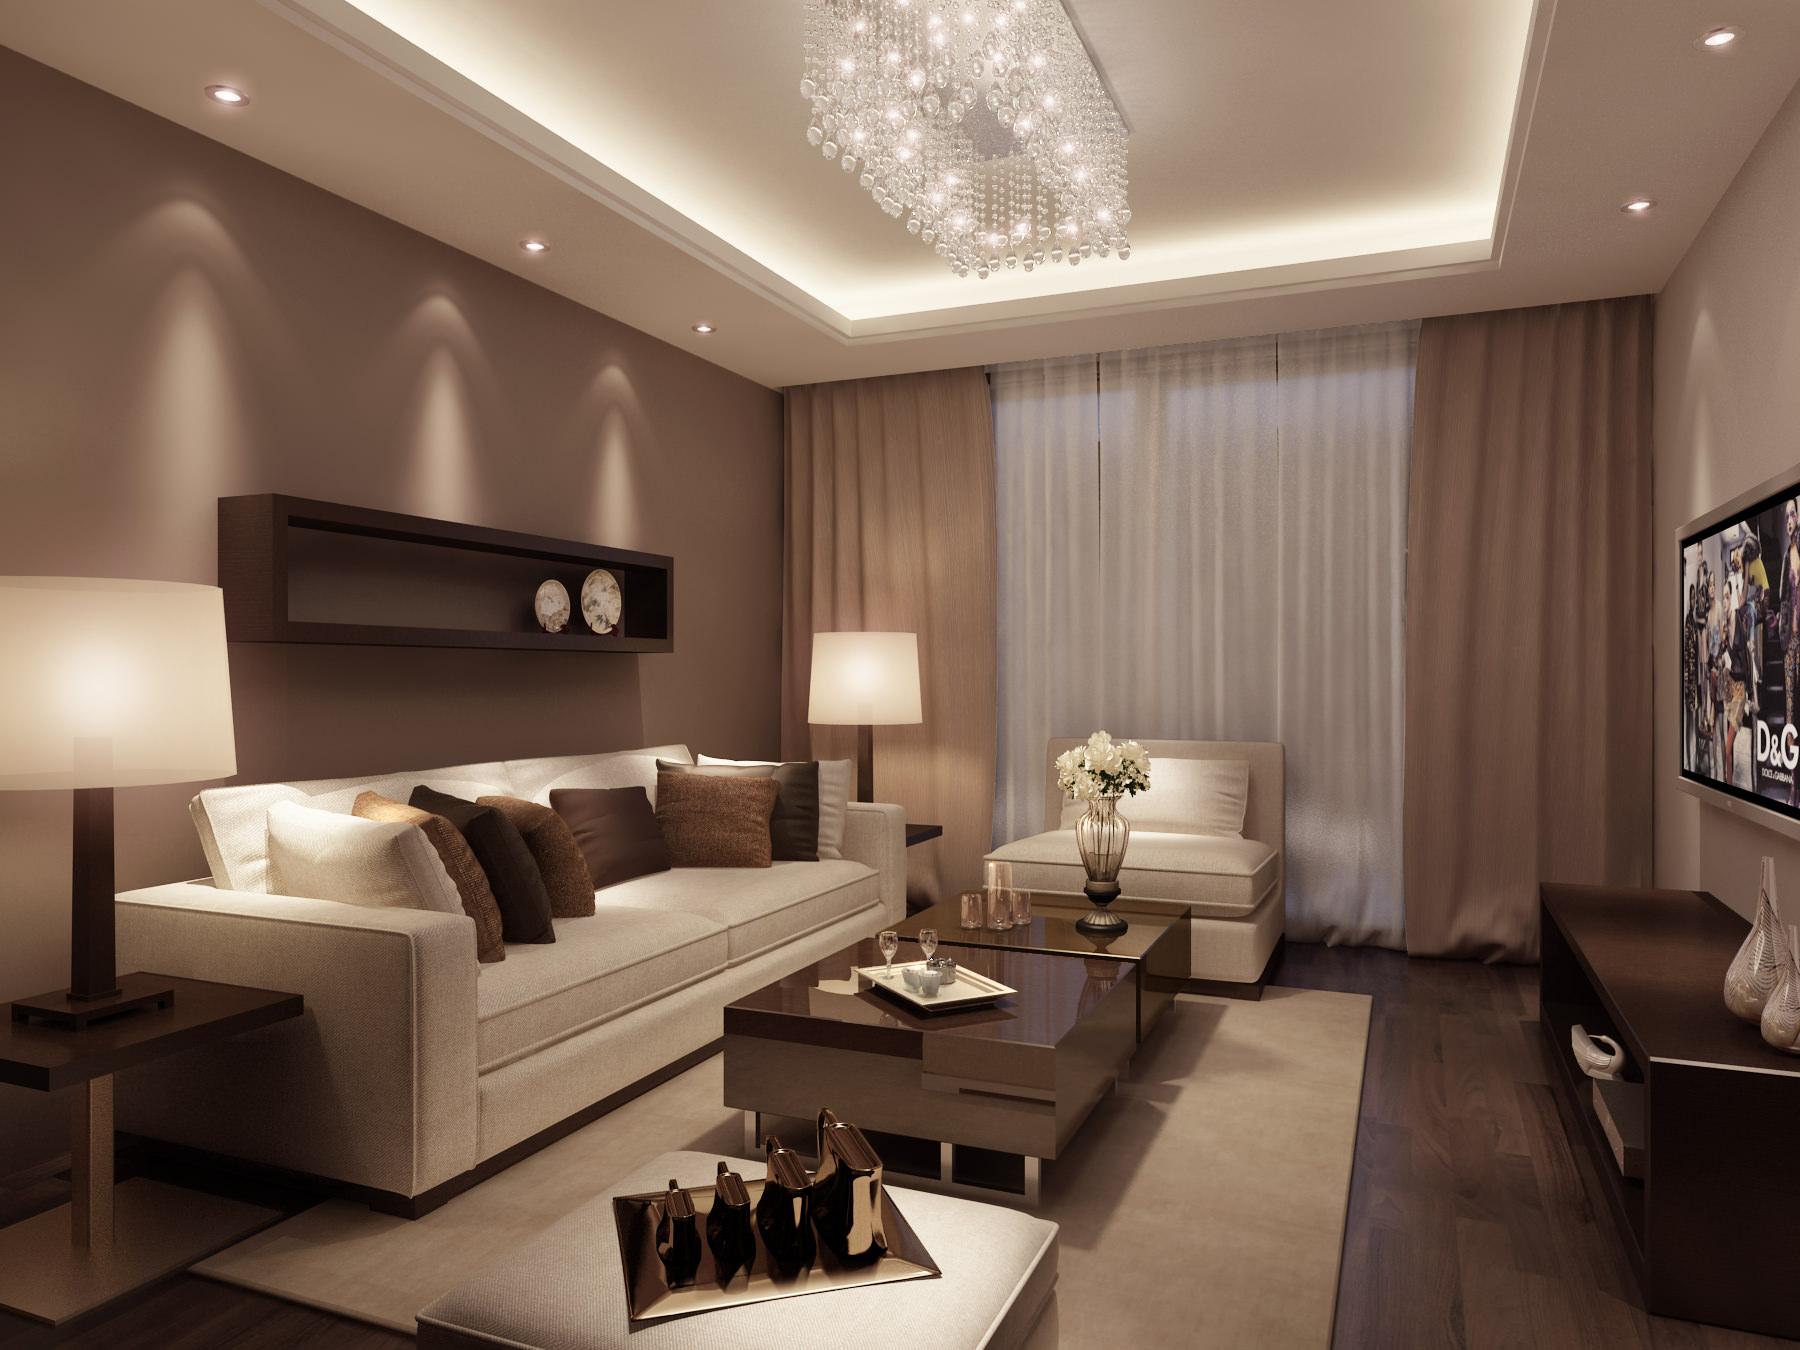 Дизайн интерьера обоев в зале